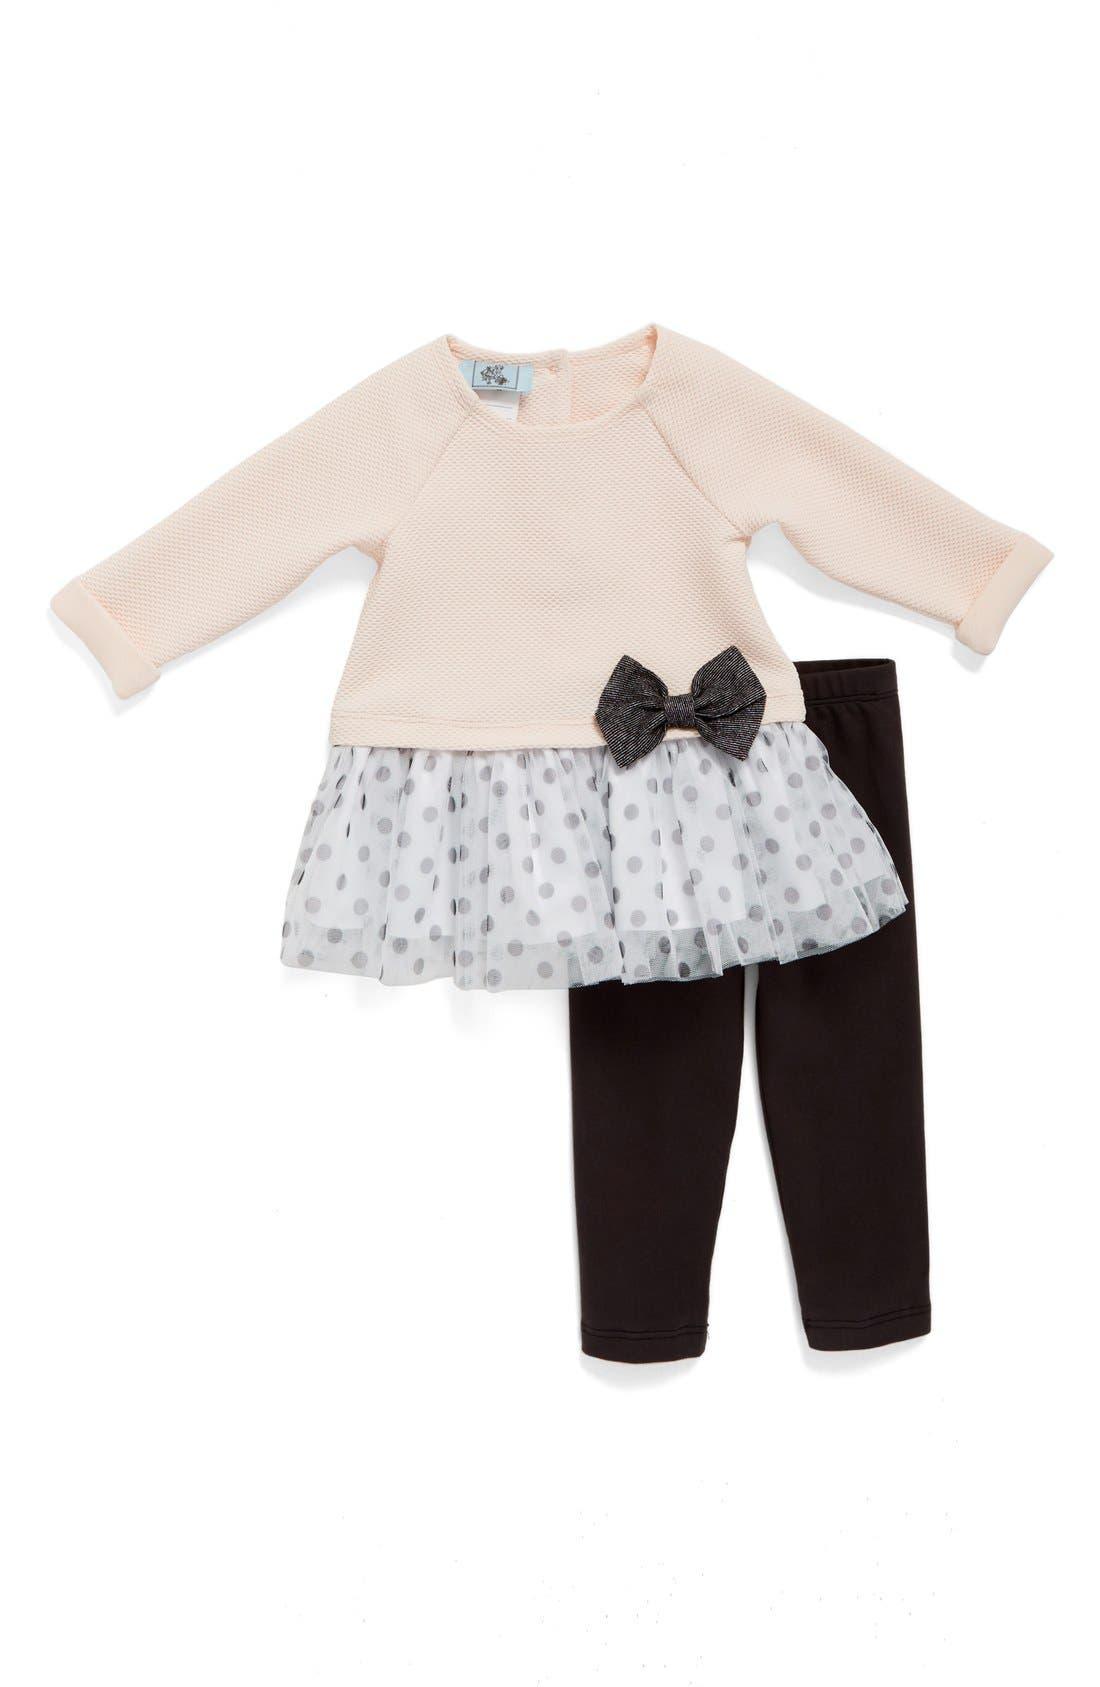 Main Image - Pippa & Julie Polka Dot Tulle Hem Top & Leggings Set (Baby Girls)